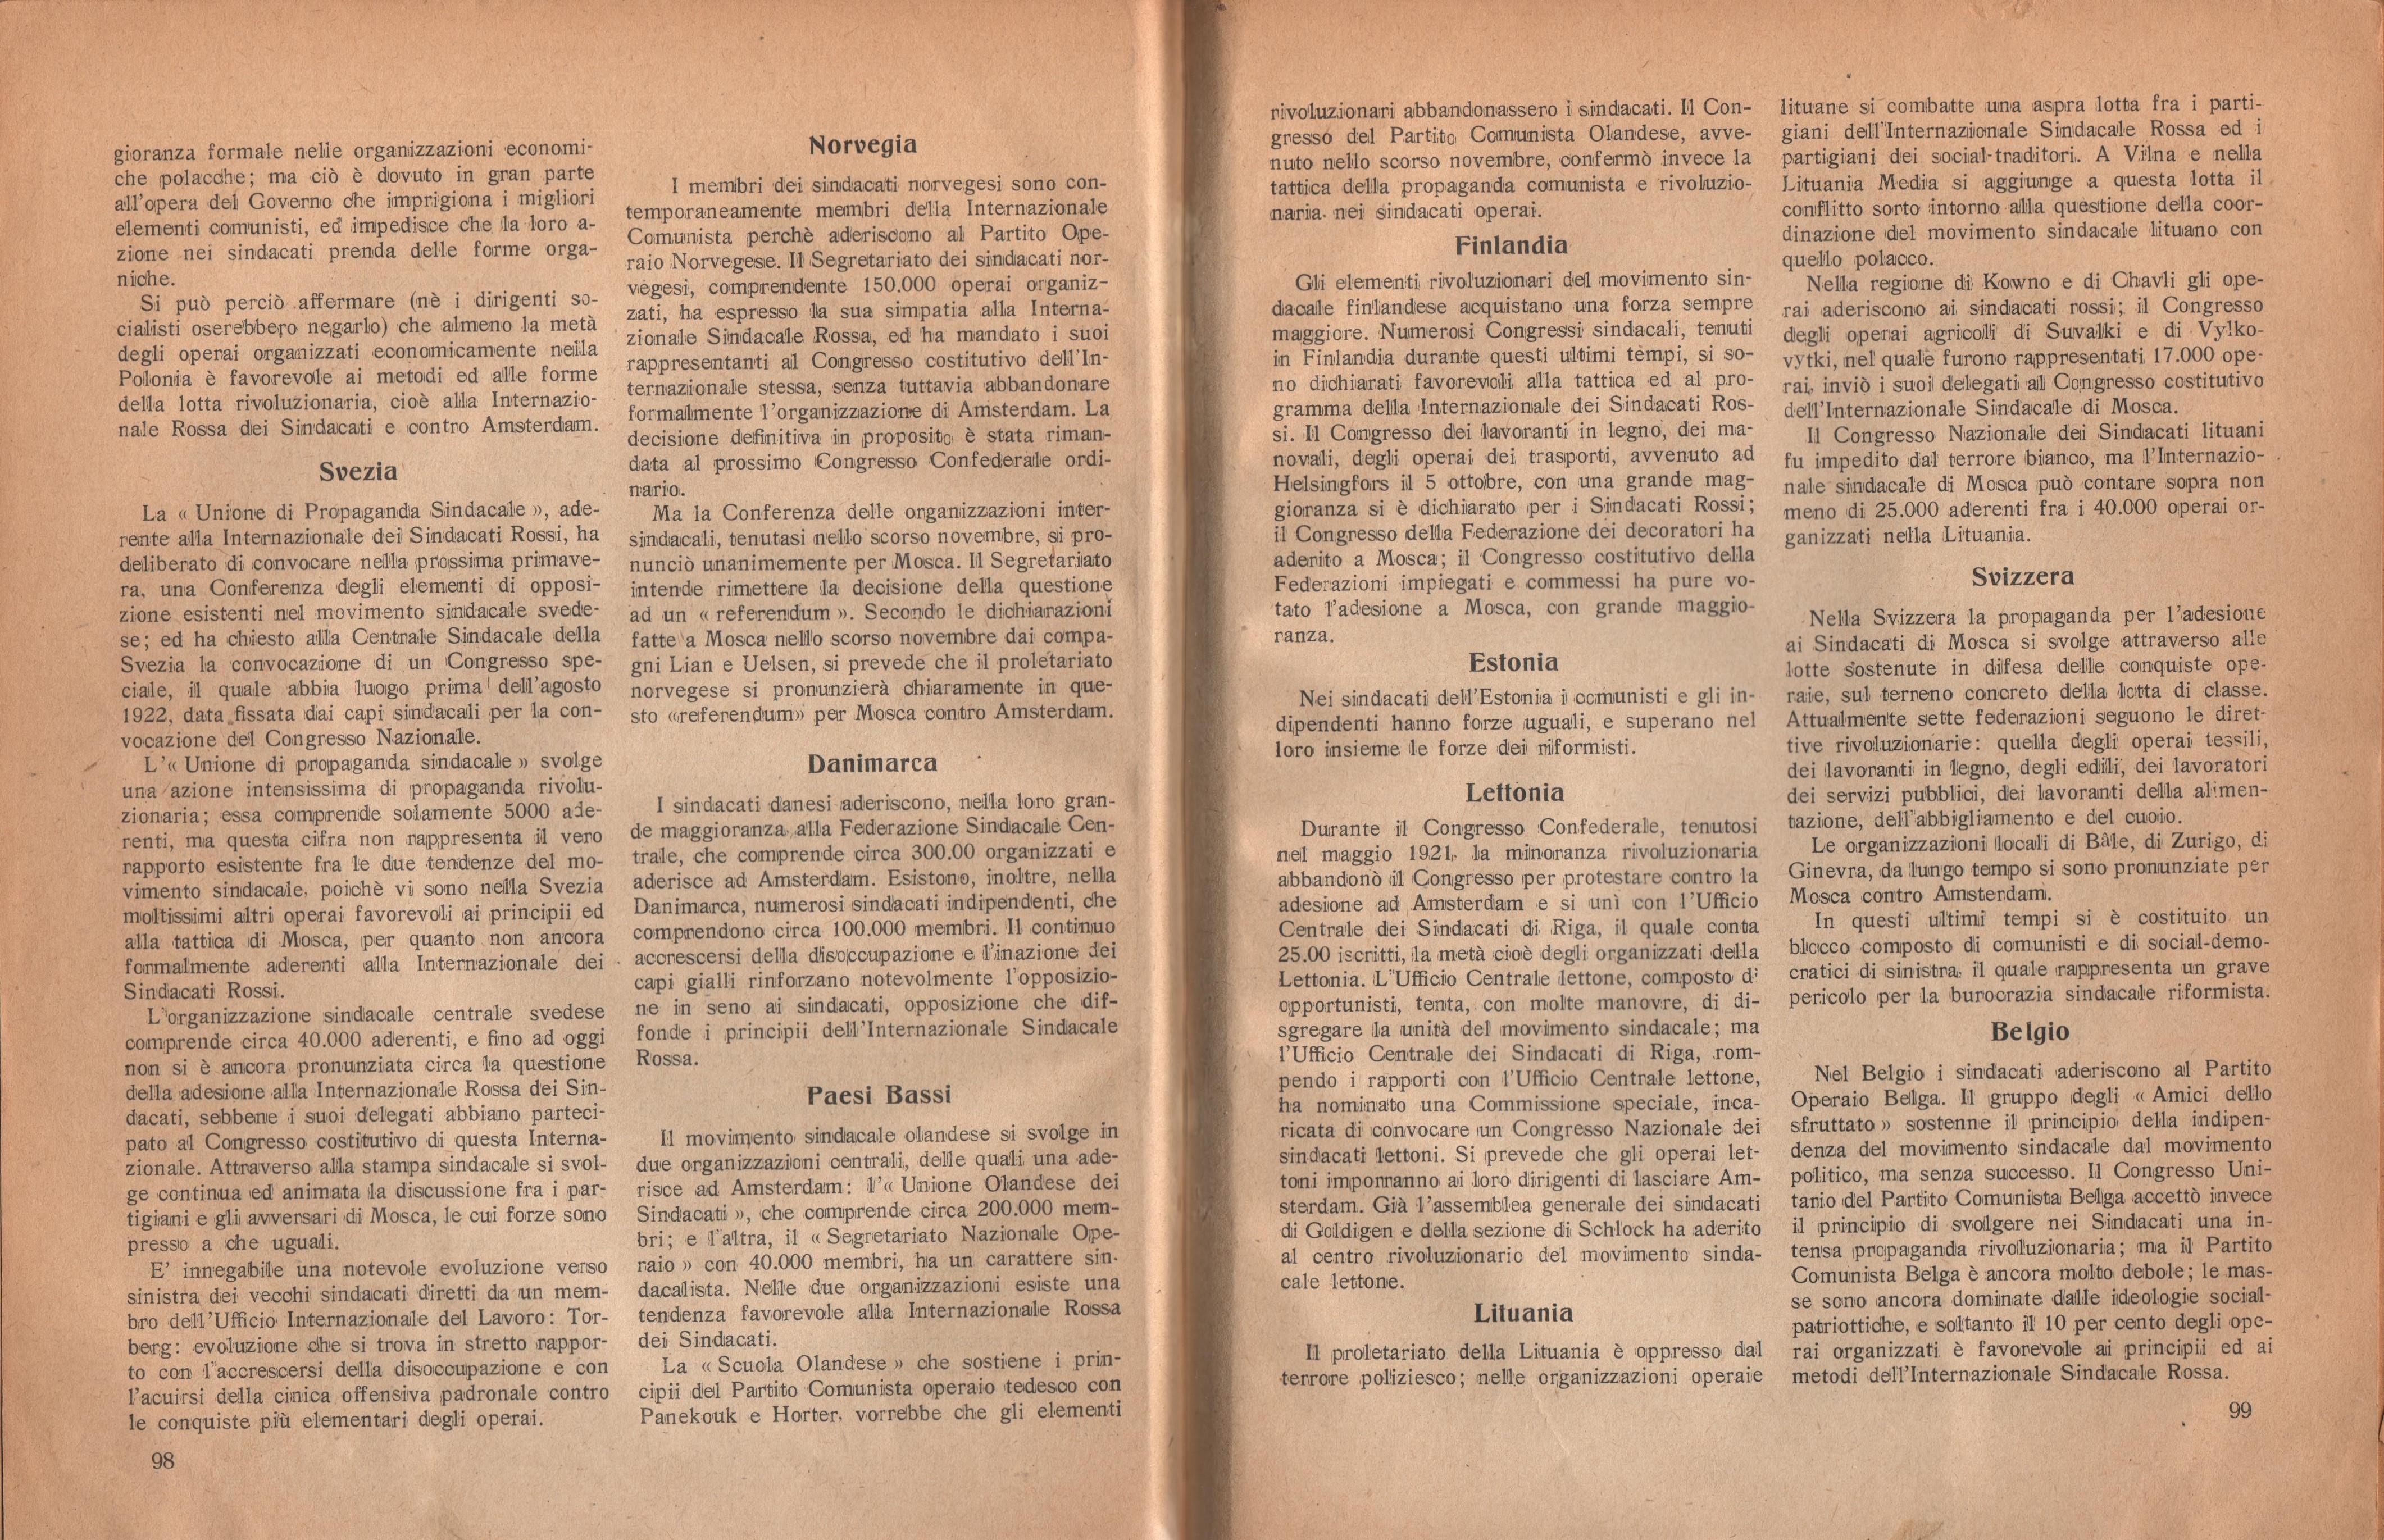 Almanacco comunista 1922 - pag. 59